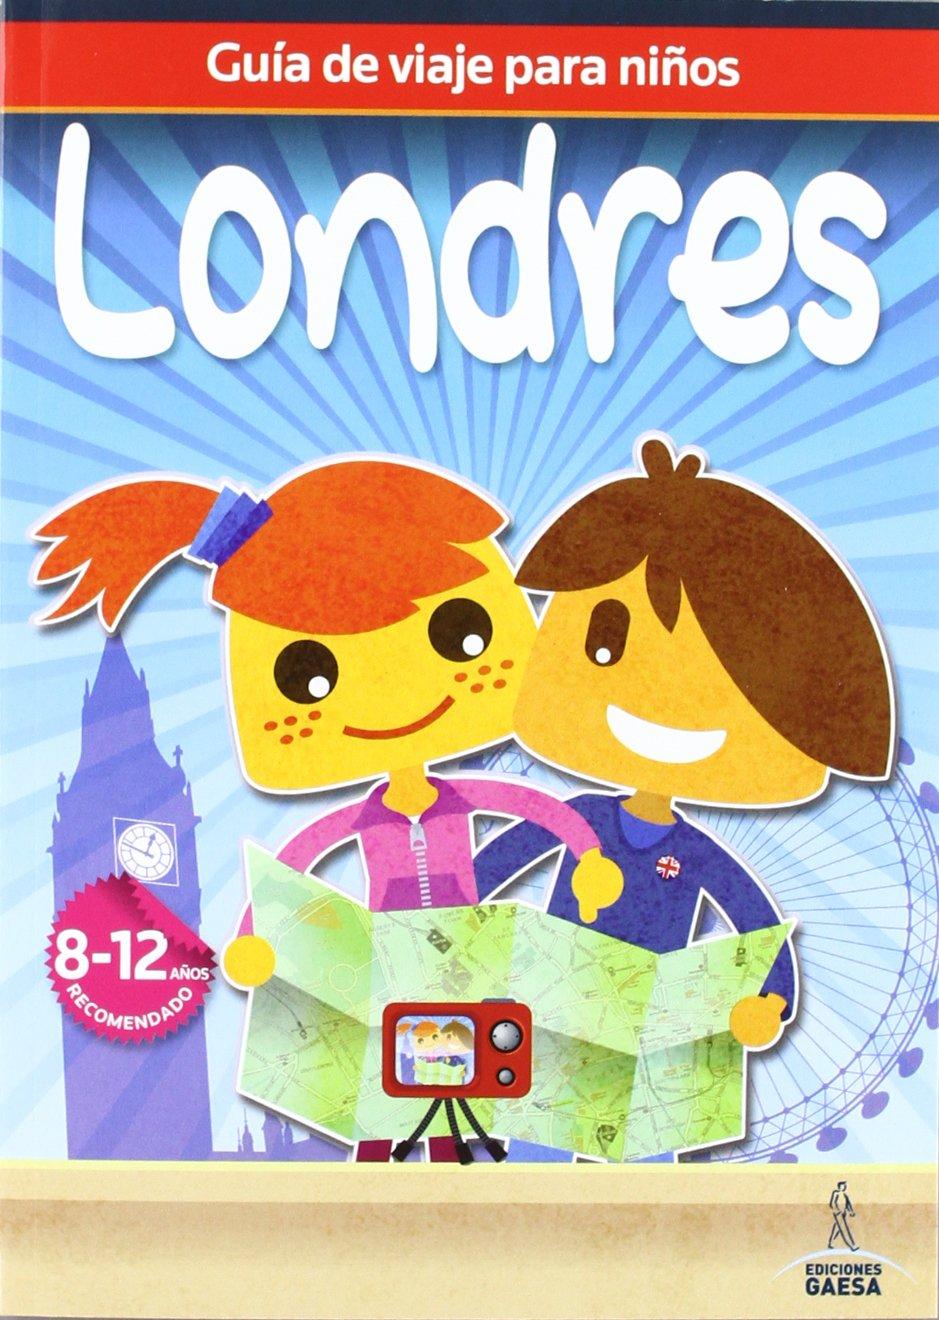 Guía de viajes para niños Londres Guia De Viaje Para Niños: Amazon.es: Guindel, Mario, Guindel, Francisco: Libros